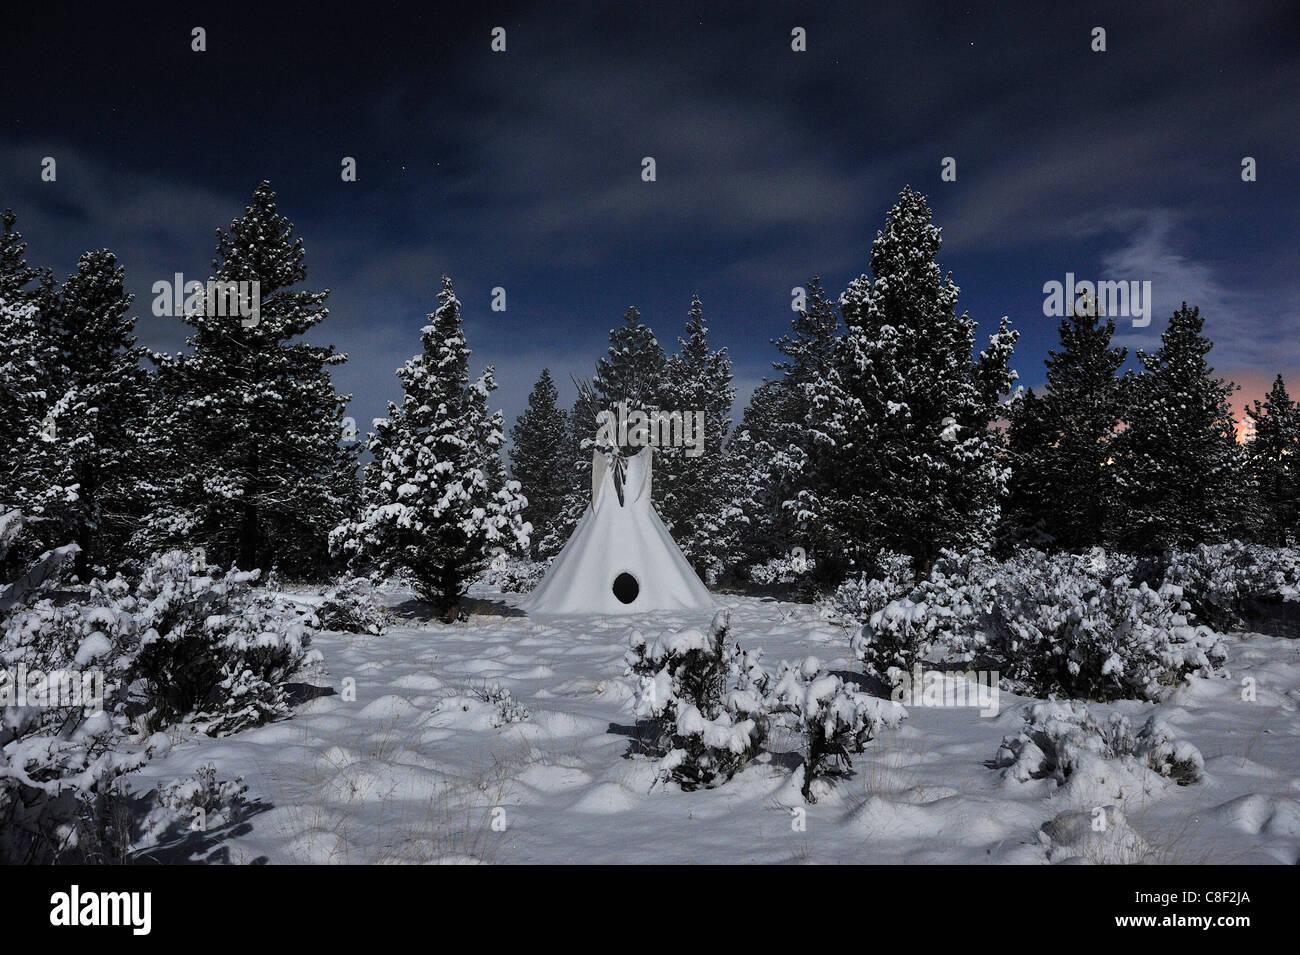 Tipi, neige, lune, étoile, High Desert, Oregon, USA, United States, Amérique, Banque D'Images